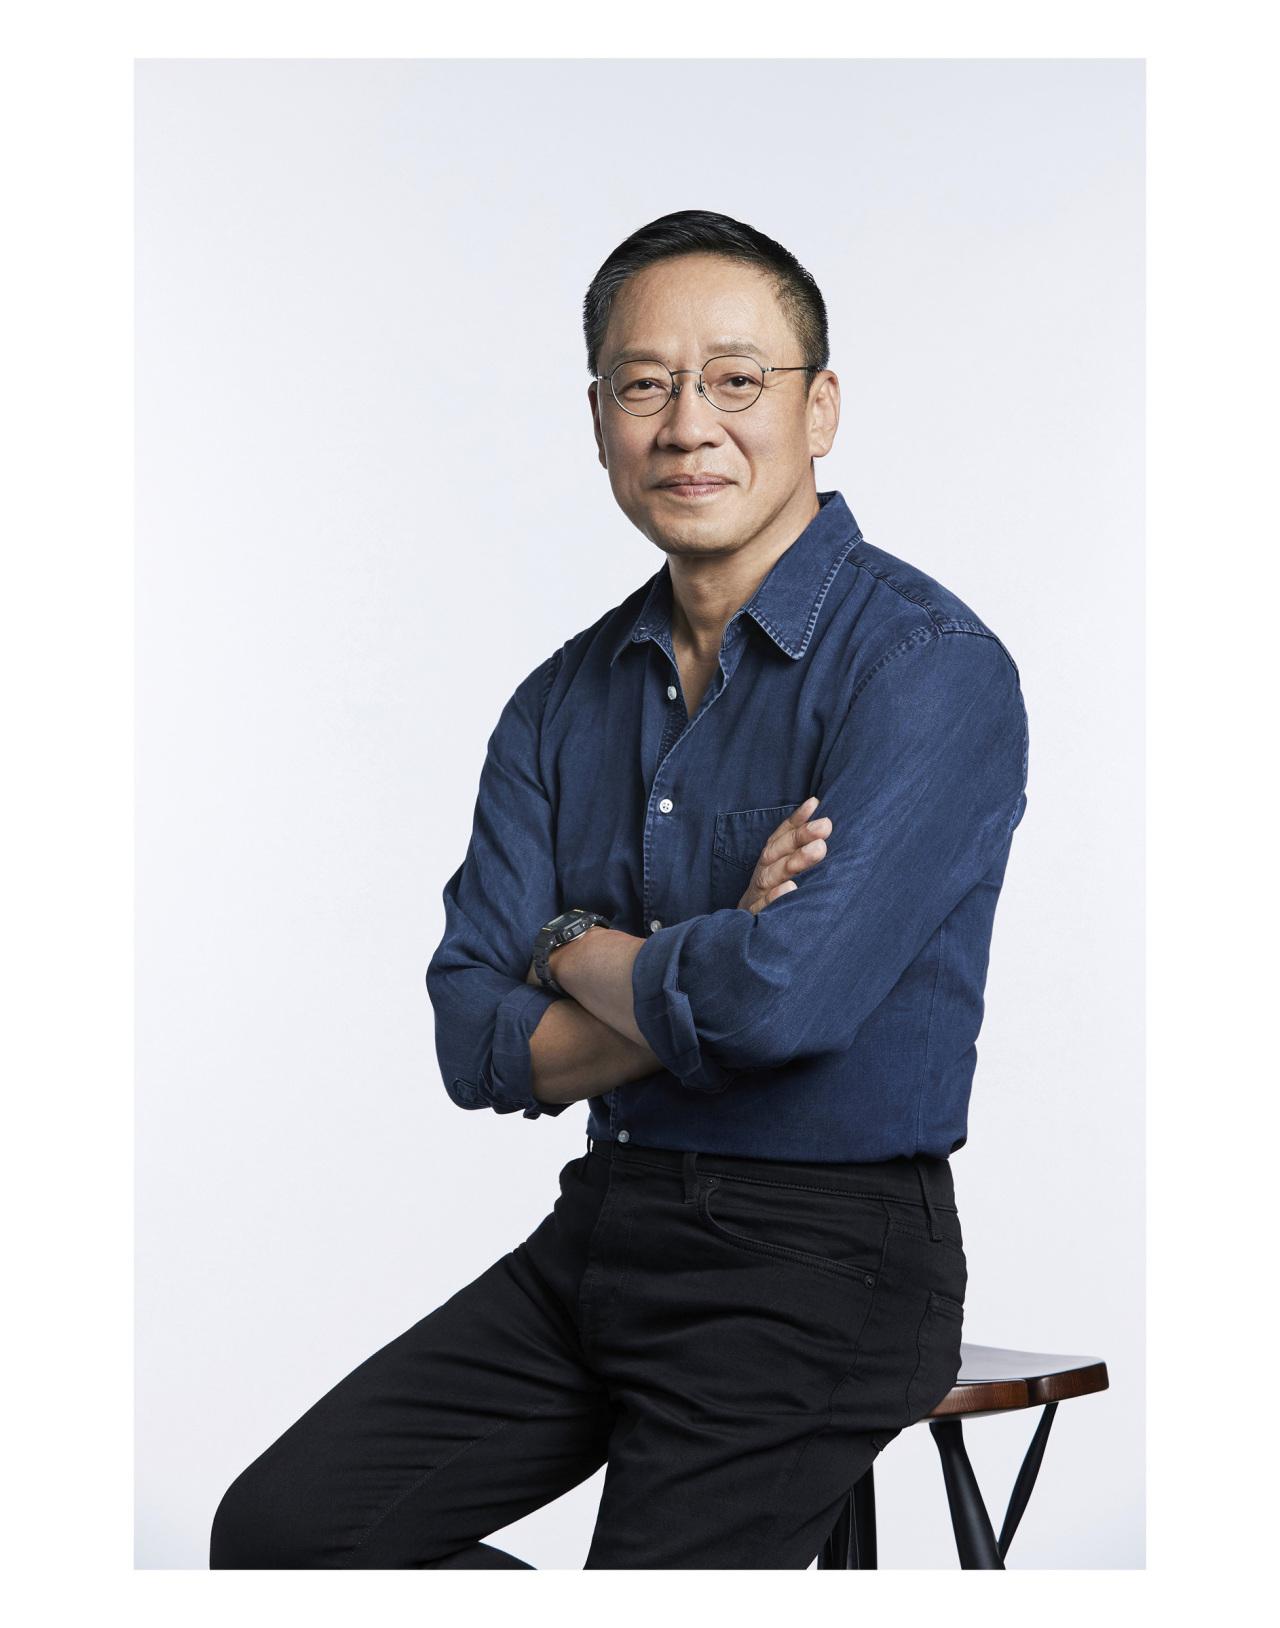 Ted Chung, CEO of Hyundai Card